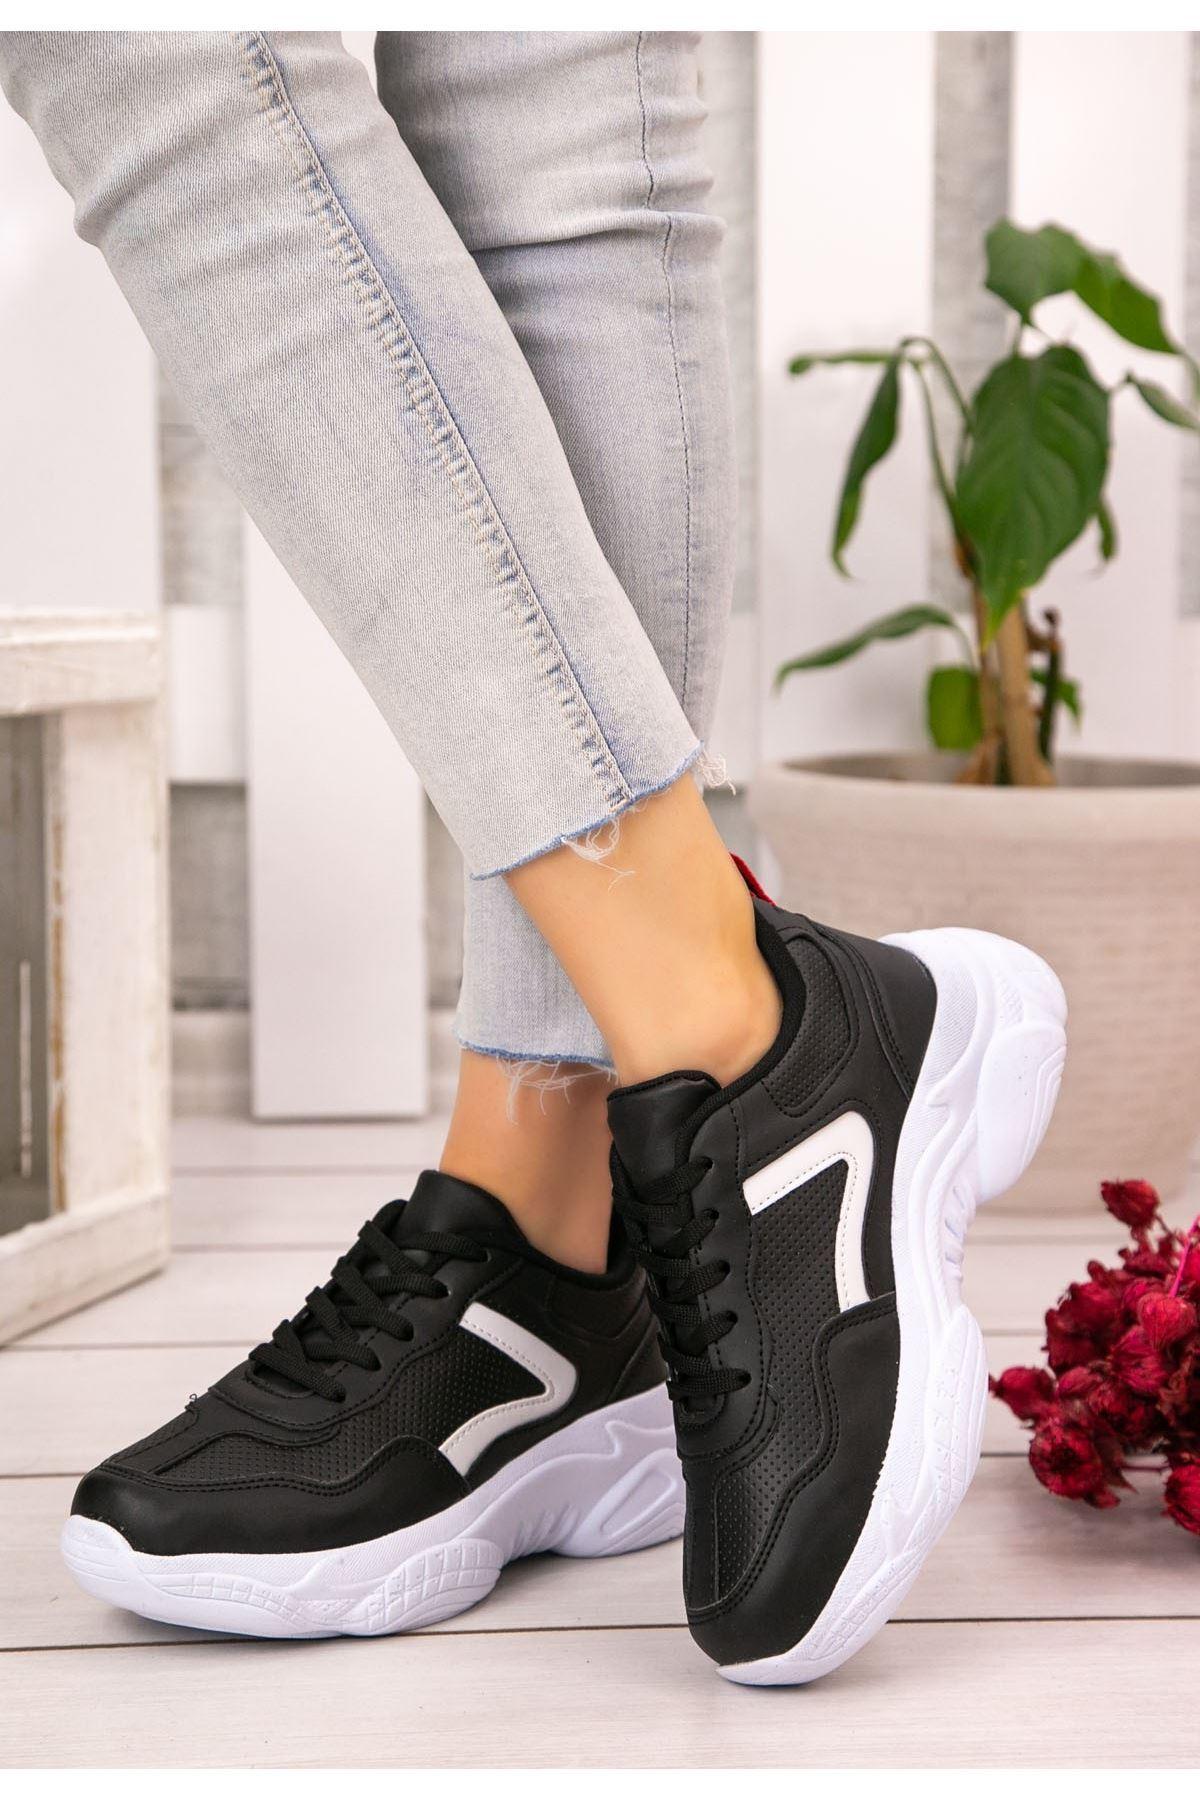 Jomox Siyah Cilt Beyaz Detaylı Spor Ayakkabı